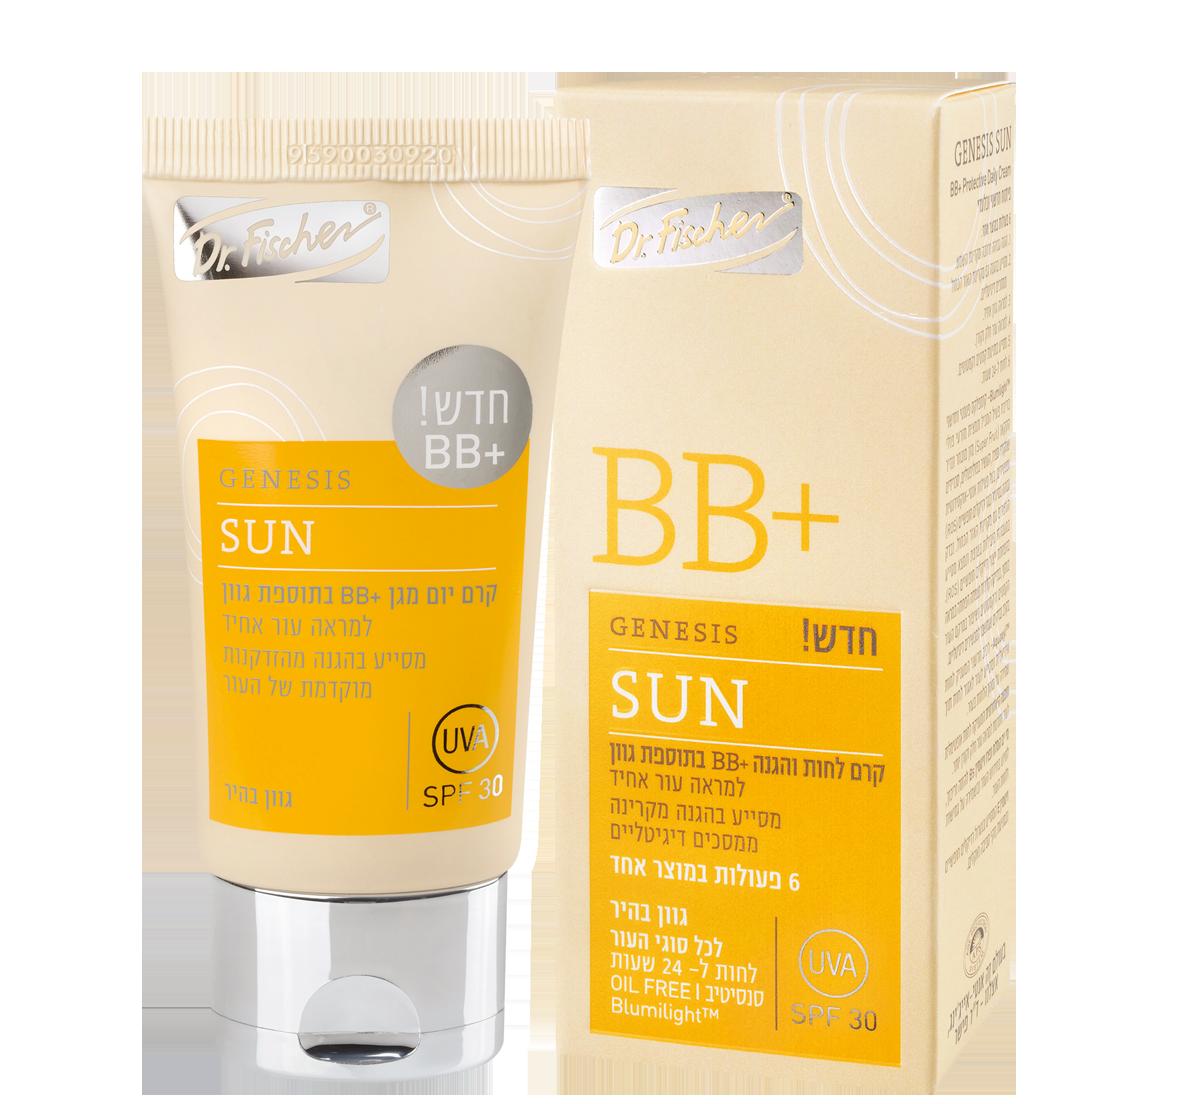 E_BB+_sun_day-cream_bright_1184x1104